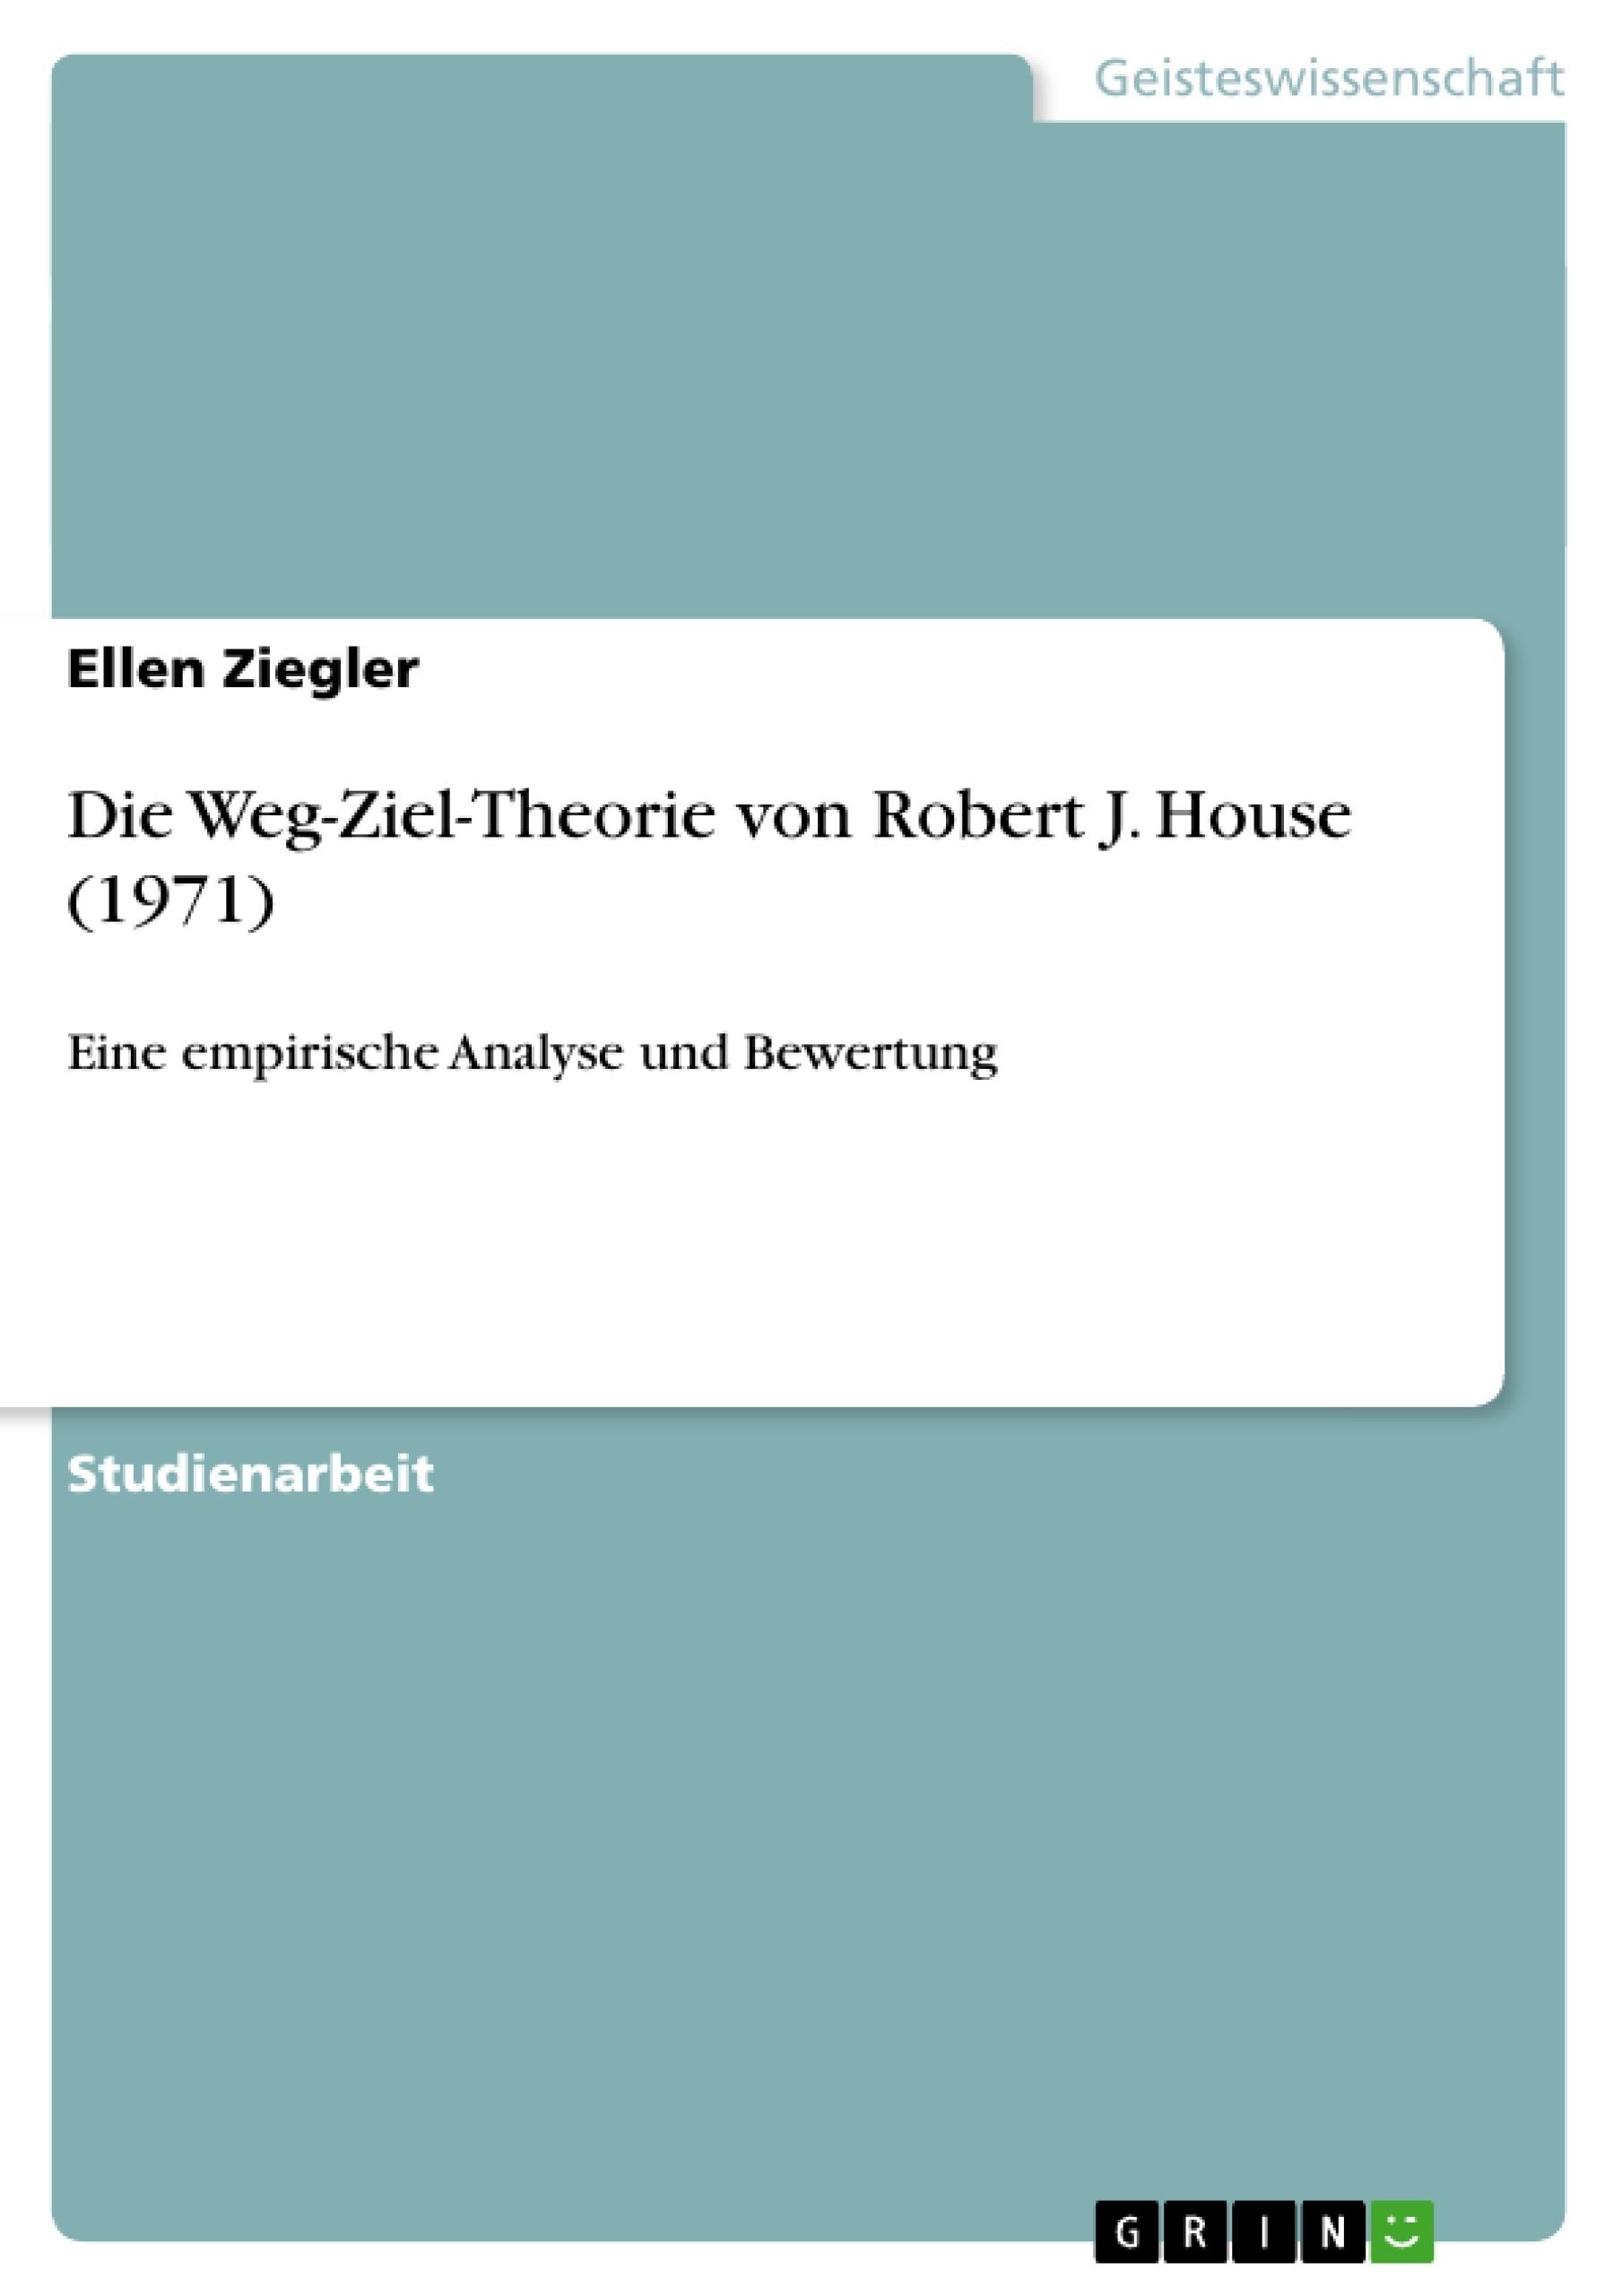 Titel: Die Weg-Ziel-Theorie von Robert J. House (1971)